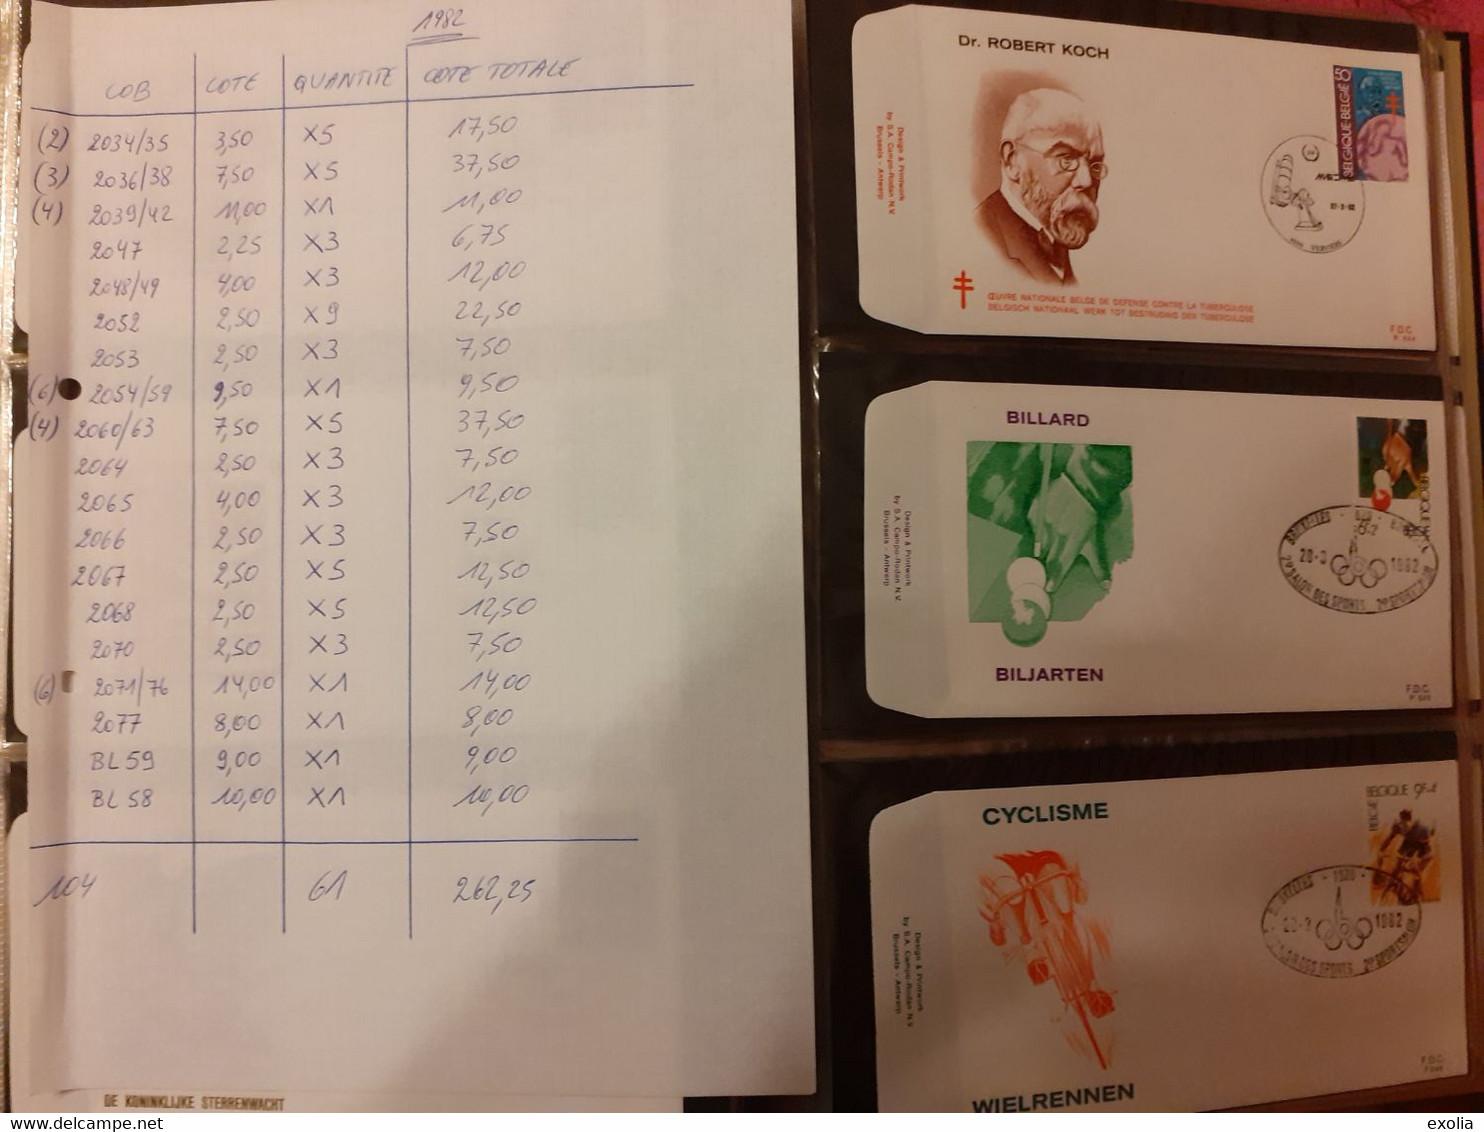 Collection Lot 9 Albums 1085 FDC Différents Belgique 1977 à 1986 Valeur 3000 Euros. Thèmes Royauté Europa Sports... Lire - Lots & Kiloware (mixtures) - Min. 1000 Stamps